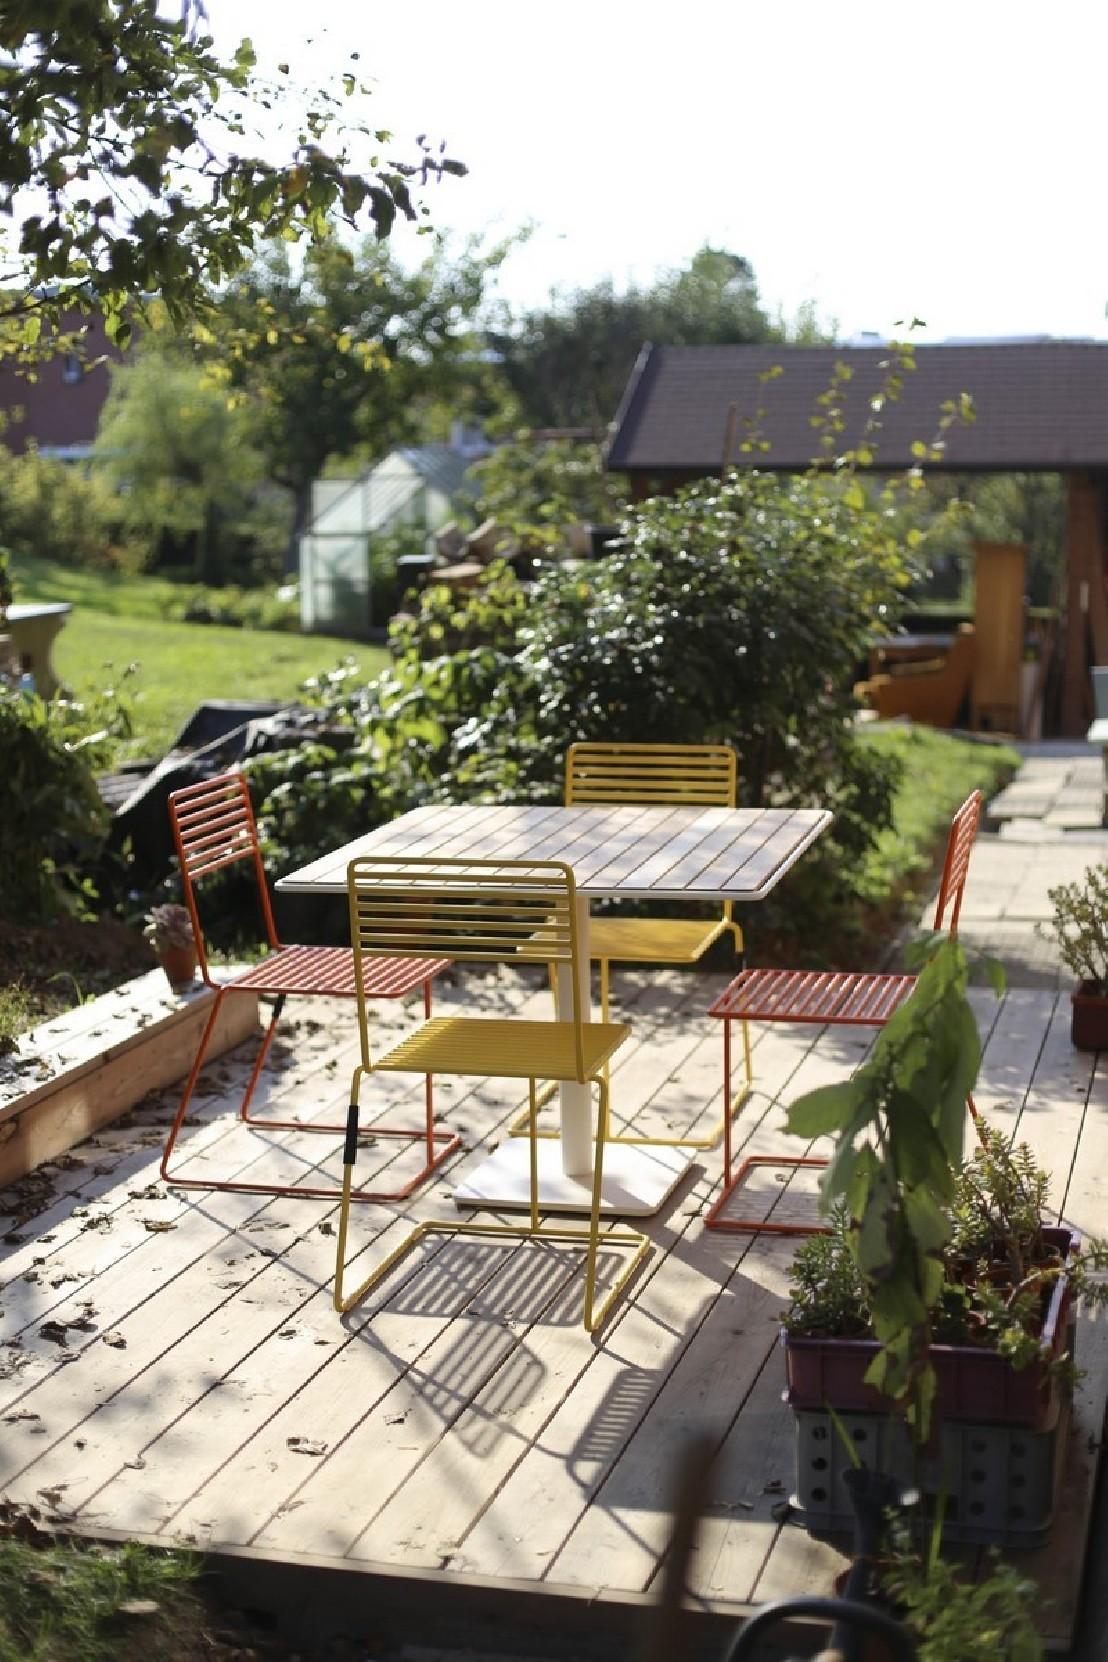 Ensemble de jardin table carr e 4 chaises bois et m tal tina egoe - Table jardin couleur rennes ...